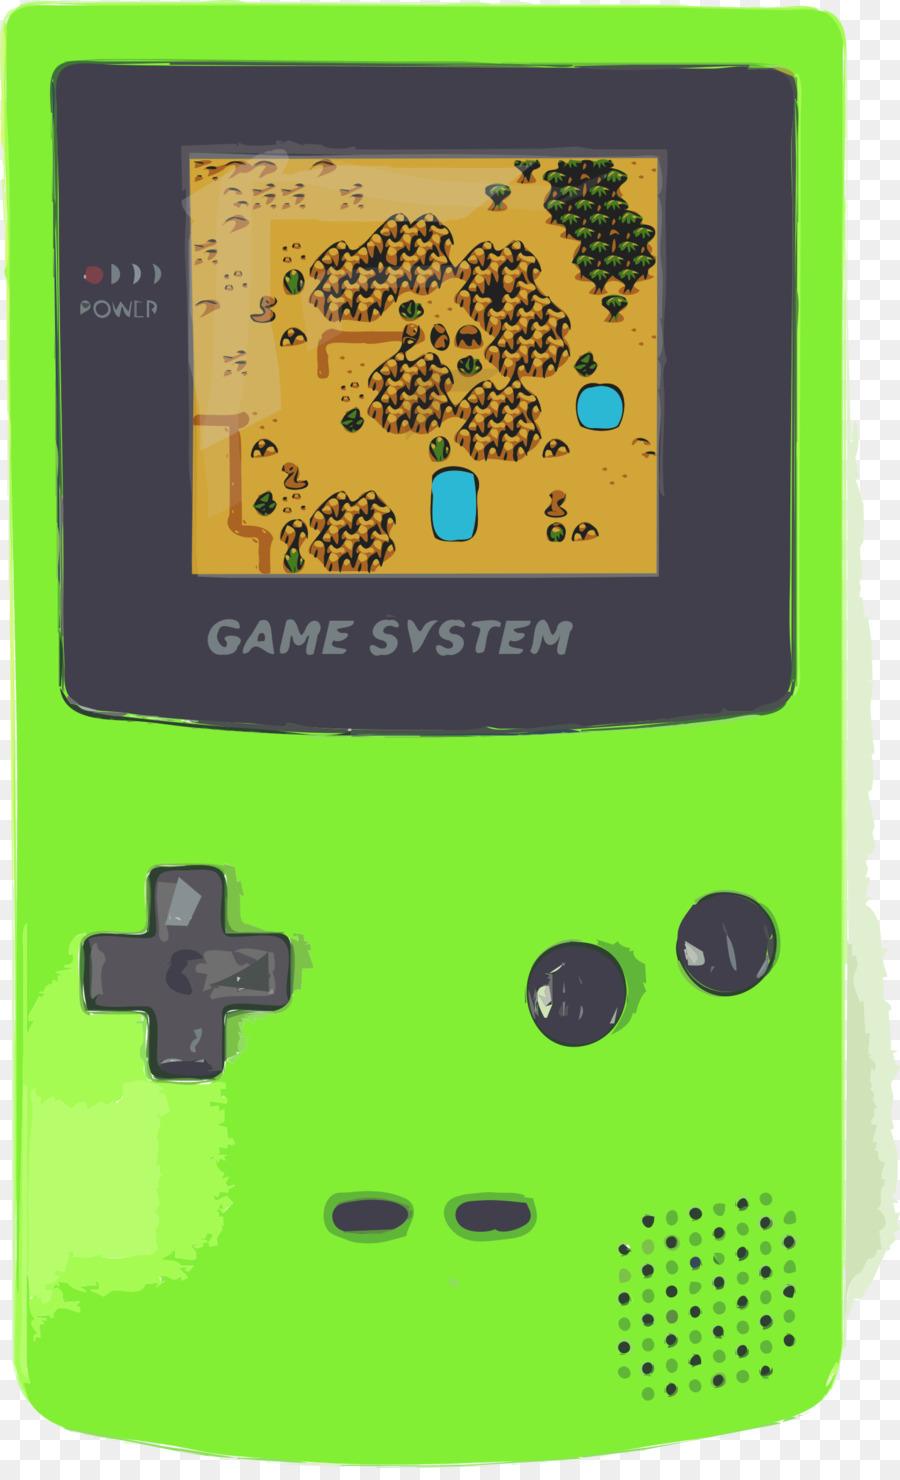 Pokémon yellow pikachu game boy advance sp pikachu png download.